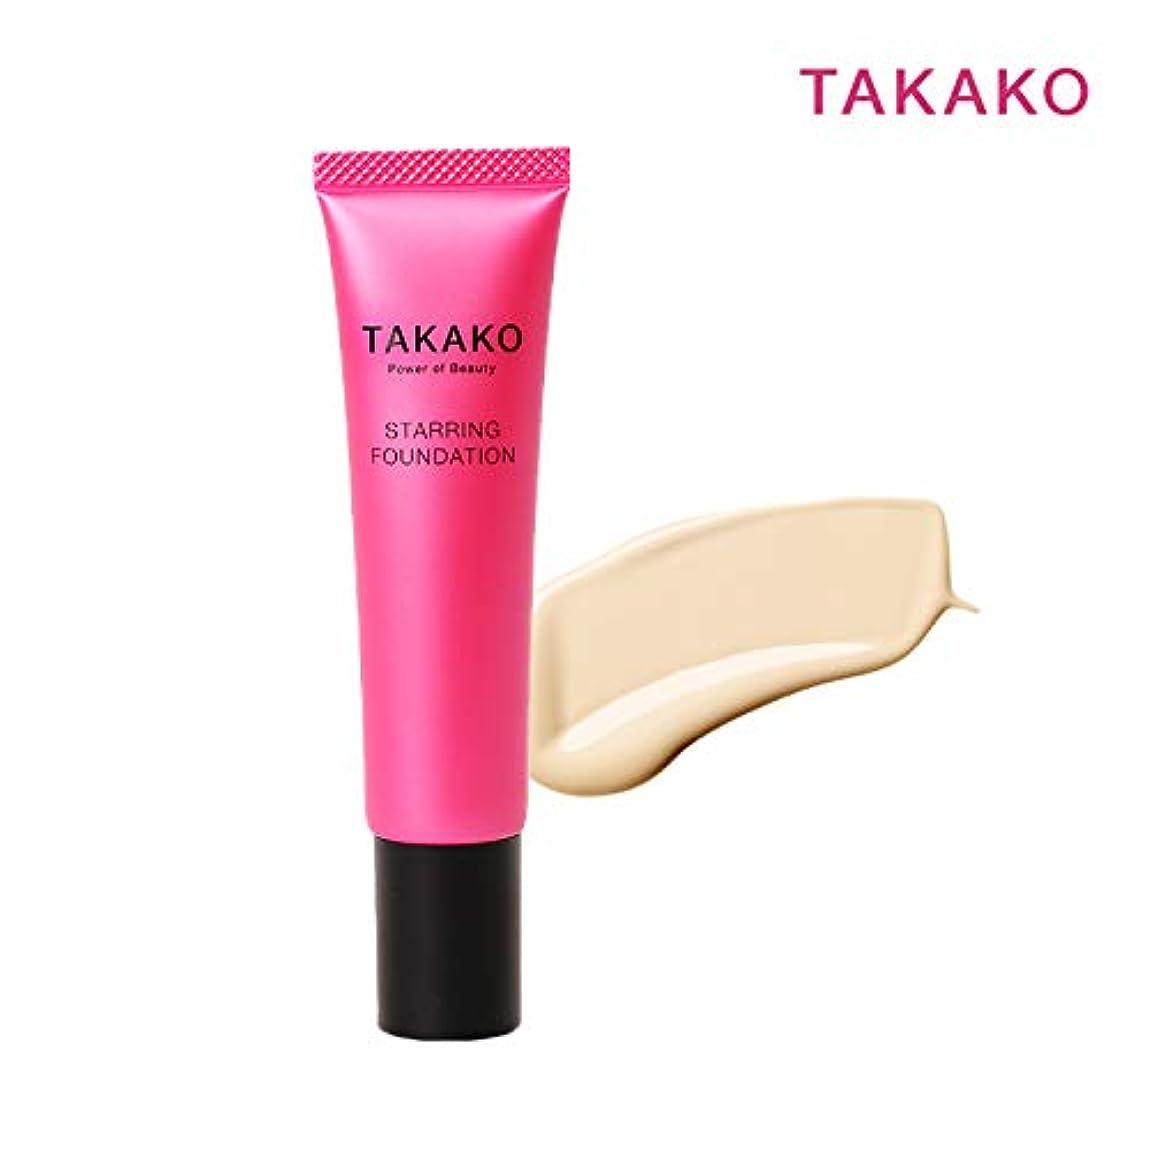 バインドサイバースペース作成者TAKAKO スターリングファンデーション リキッドファンデーション SPF20 PA++ 30g【タカコ コスメ】TAKAKO Power of Beauty STARRING FOUNDATION